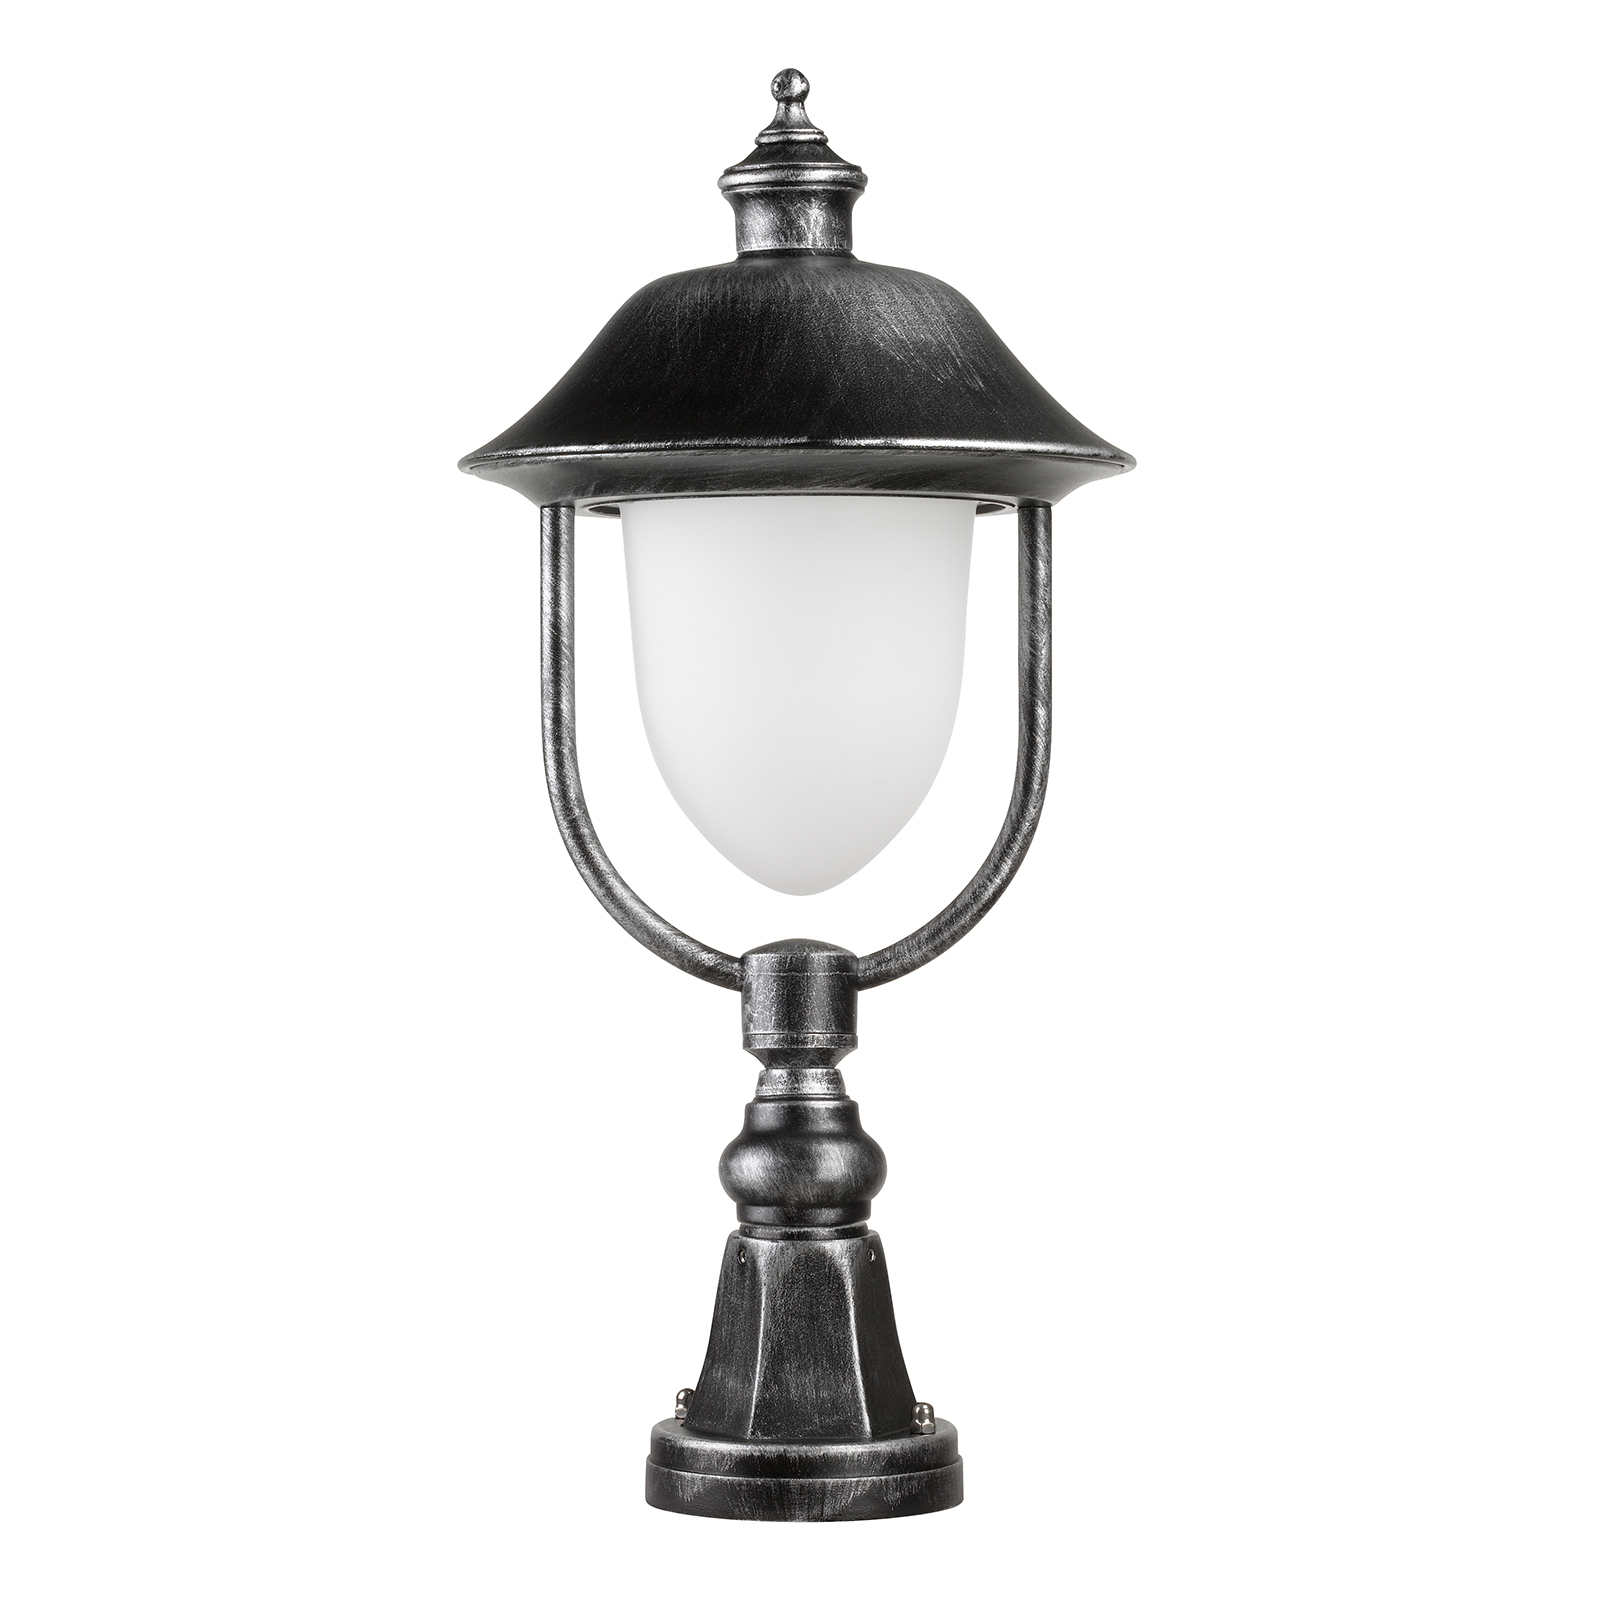 Słupek oświetleniowy 1156, czarny/srebrny